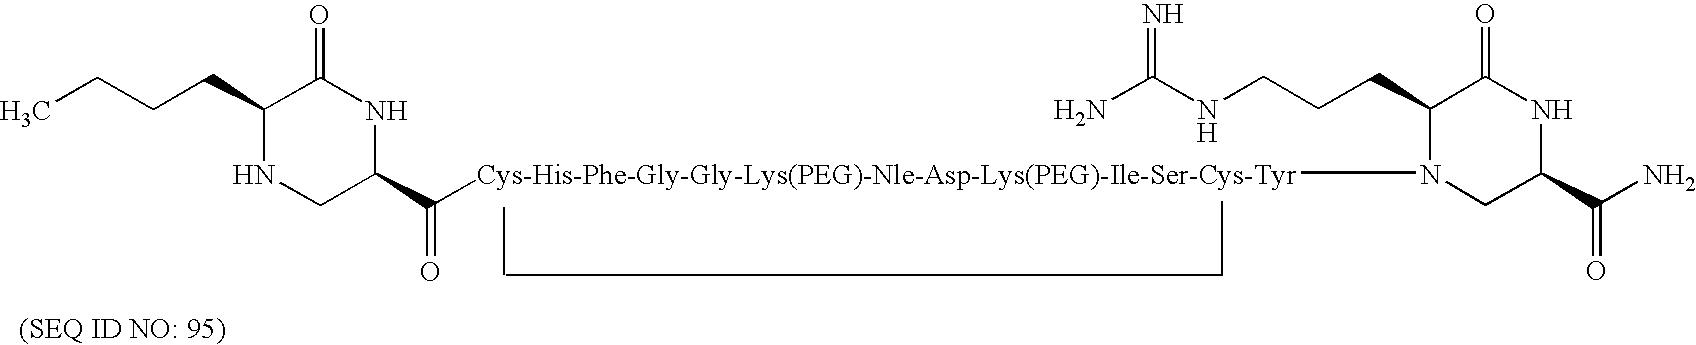 Figure US07622440-20091124-C00401